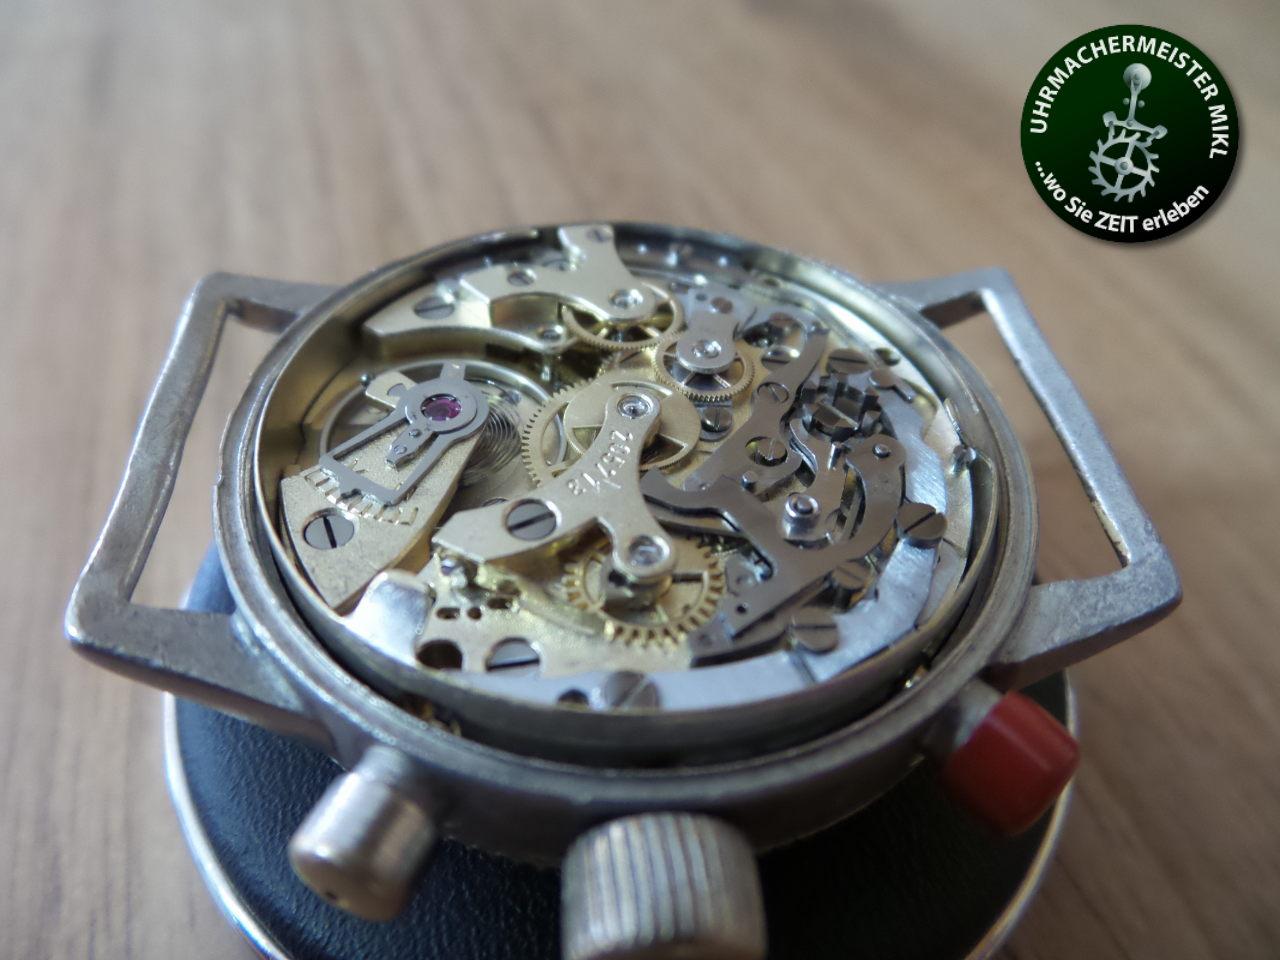 Das eingeschalte und restaurierte Uhrwerk.